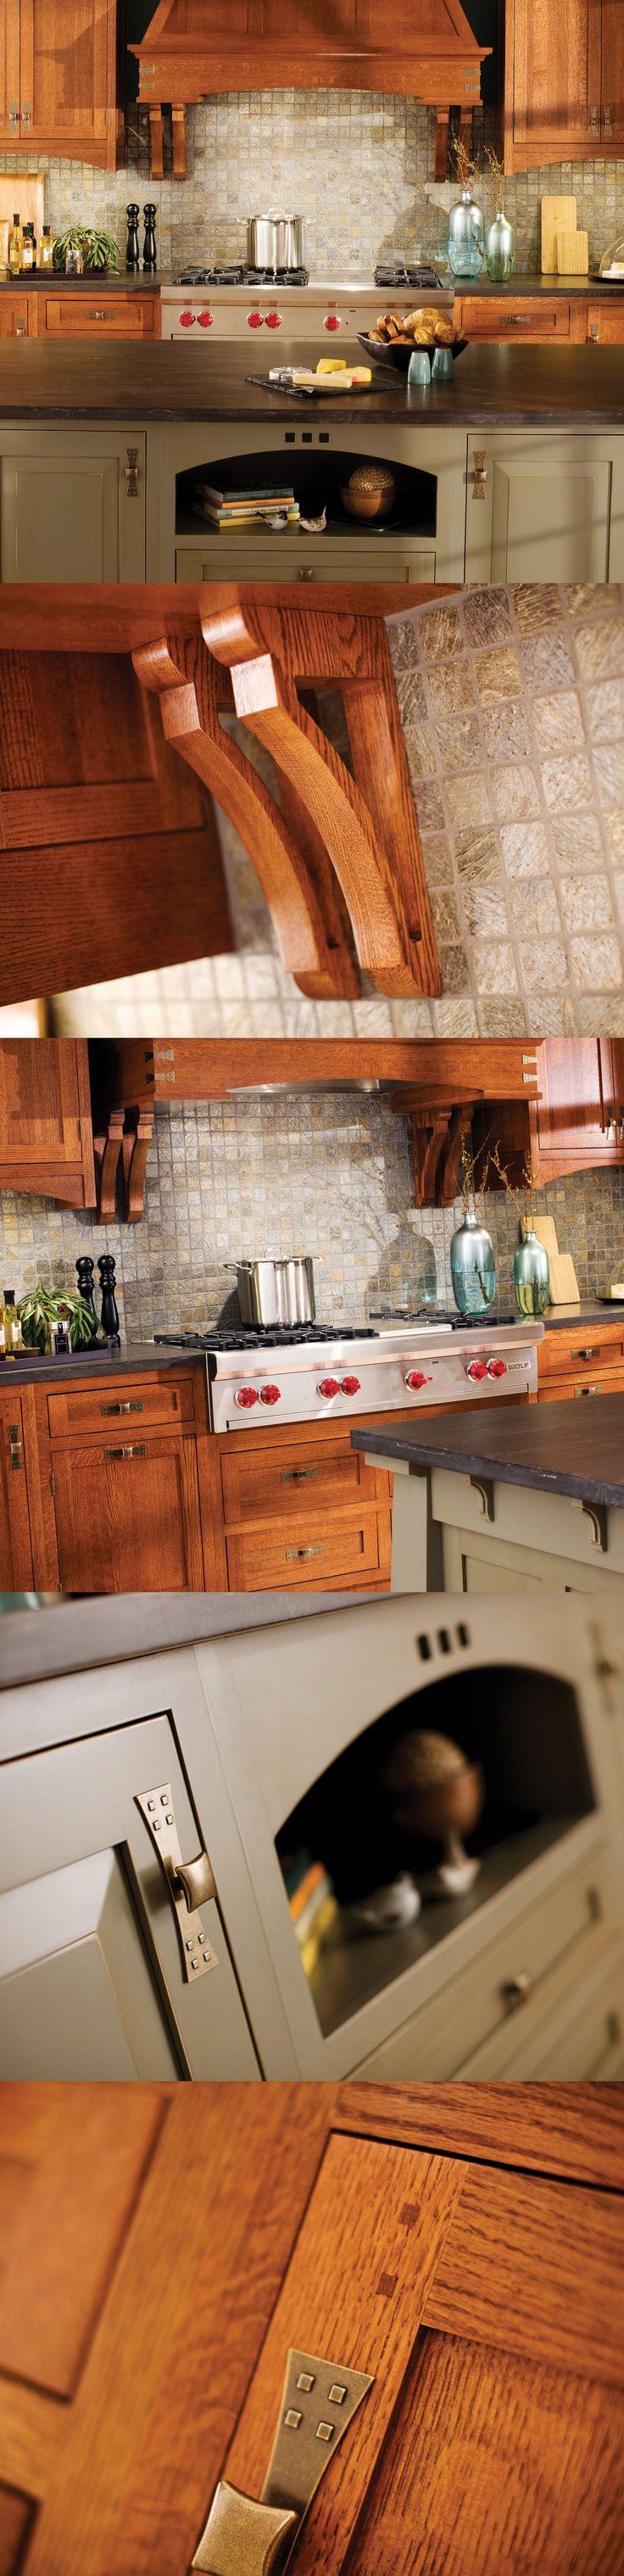 craftsman style kitchens kitchen design Craftsman Kitchen Design in Dura Supreme Cabinetry LOVE THOSE HANDLES